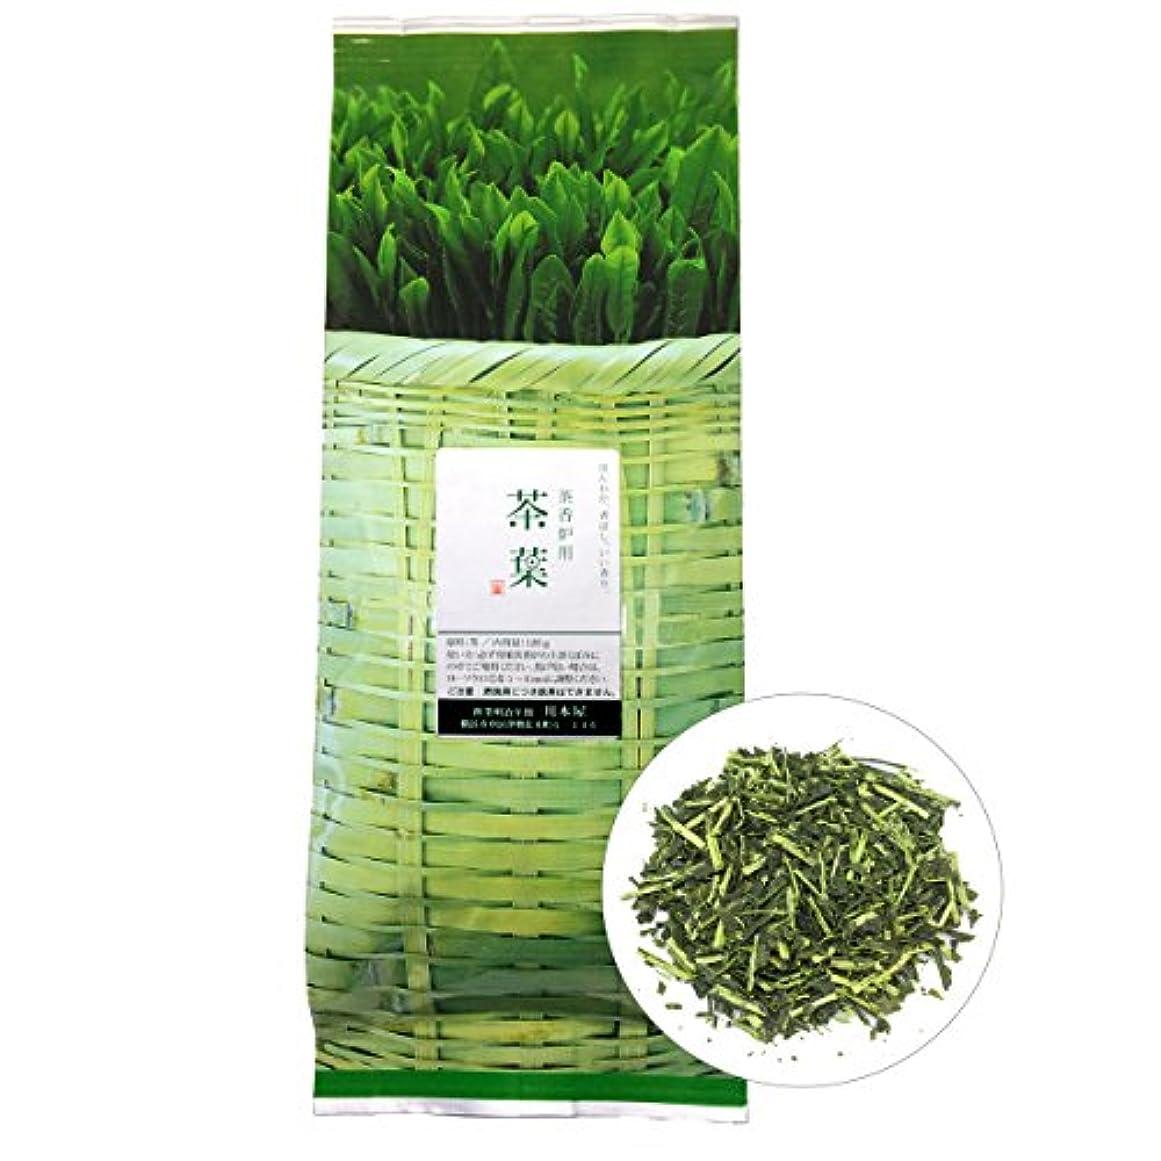 国産 茶香炉専用 茶葉110g (1袋) 川本屋茶舗